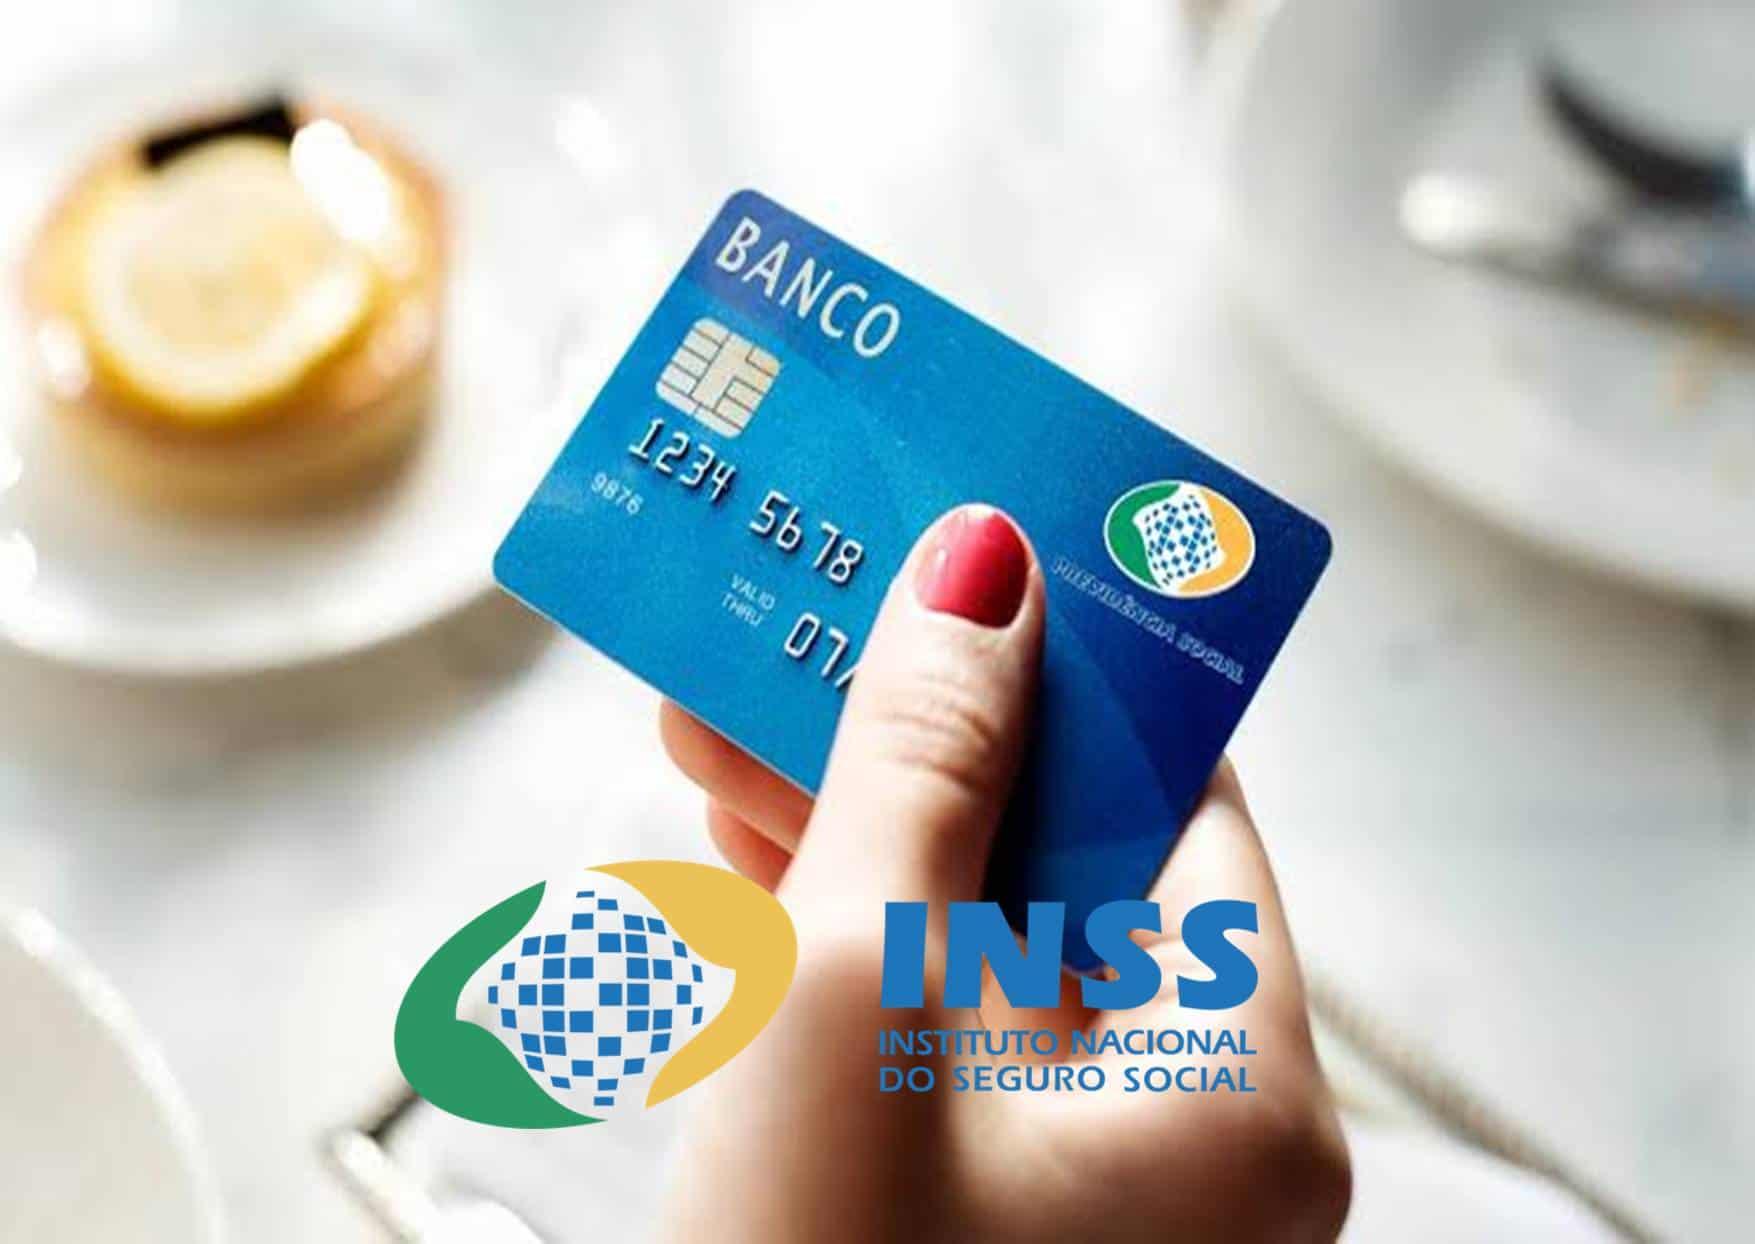 Bancos para aposentados do INSS fazer Cartão de Crédito mesmo com nome sujo